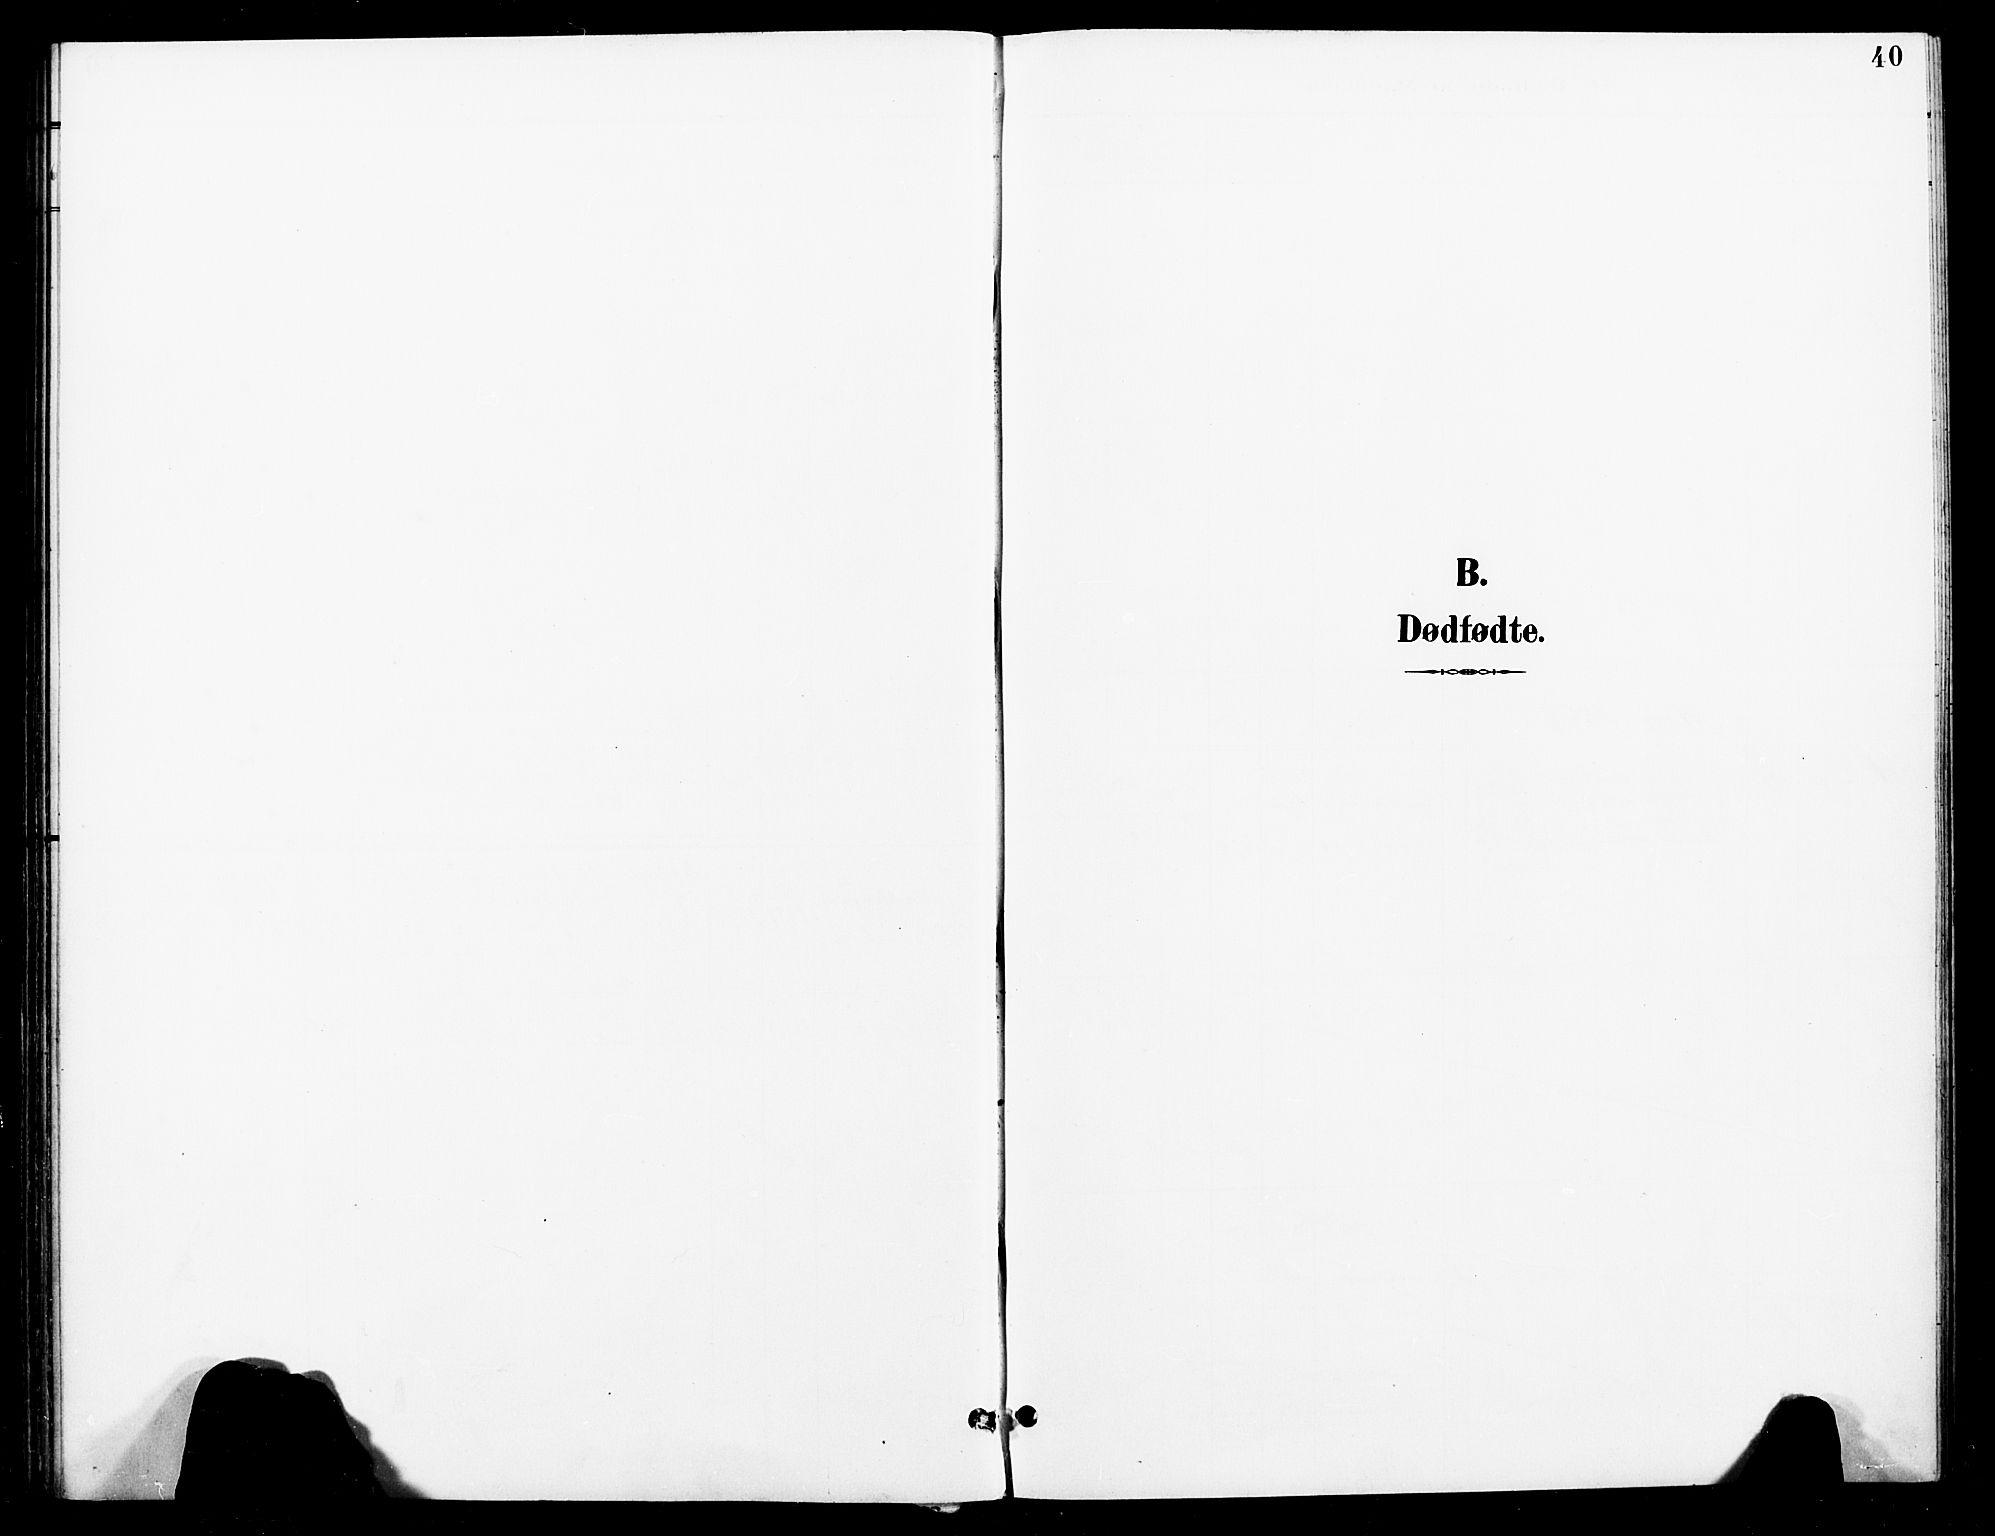 SAT, Ministerialprotokoller, klokkerbøker og fødselsregistre - Nord-Trøndelag, 740/L0379: Ministerialbok nr. 740A02, 1895-1907, s. 40